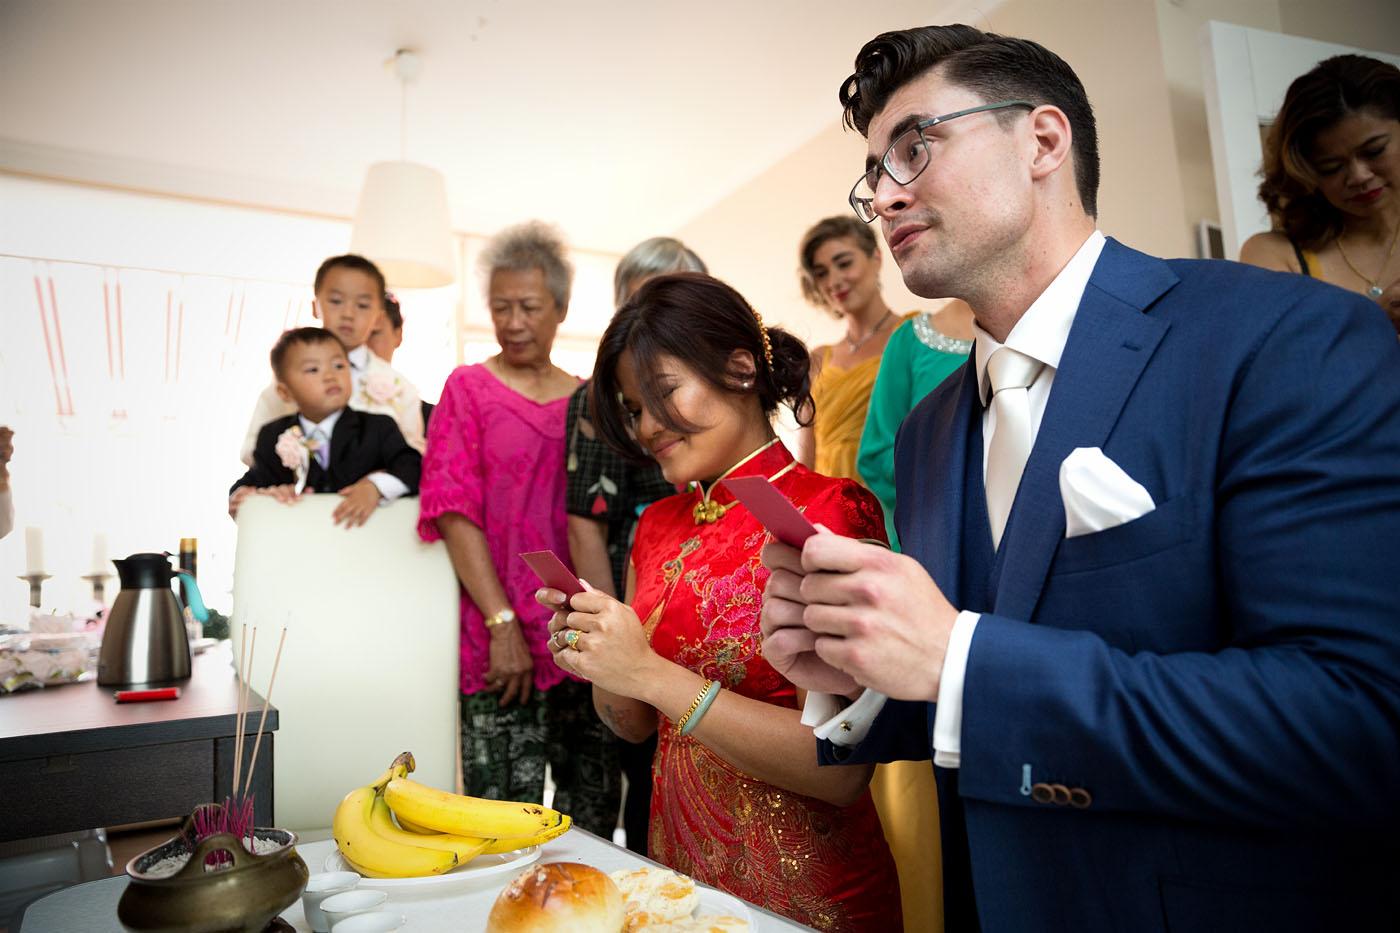 bruiloft-wedding-trouwen-fotograaf-chinees-bobhersbach-rotterdam-bidden